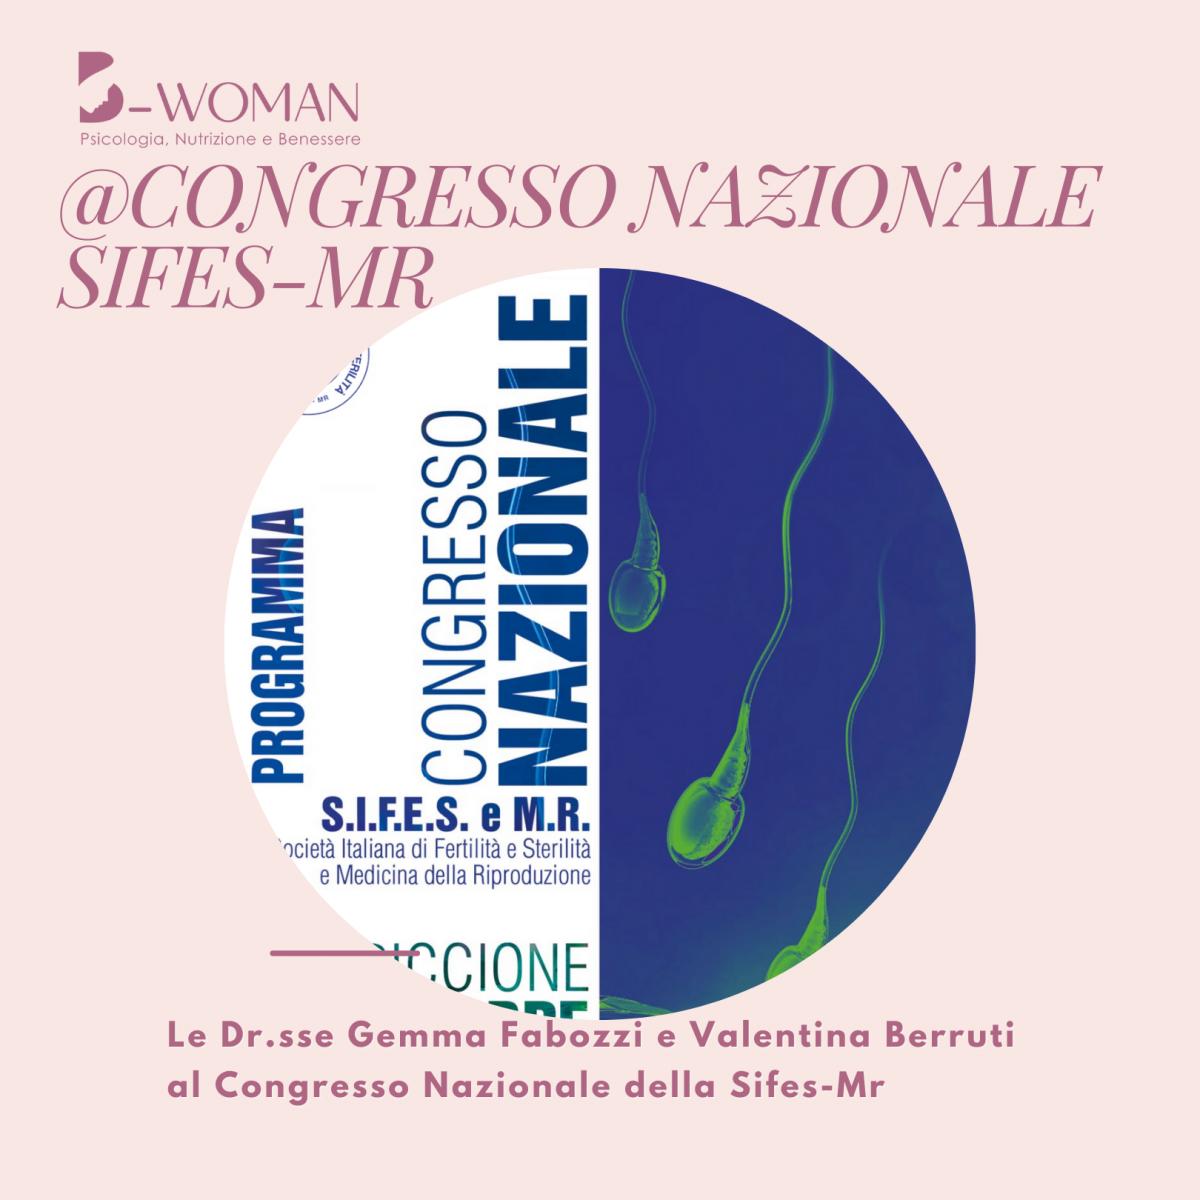 Congresso-Nazionale-Sifes-Mr-Riccione-7-9-ottobre-2021-tra-i-relatori-Dr.ssa-Gemma-Fabozzi-e-Dr.ssa-Valentina-Berruti-1200x1200.png